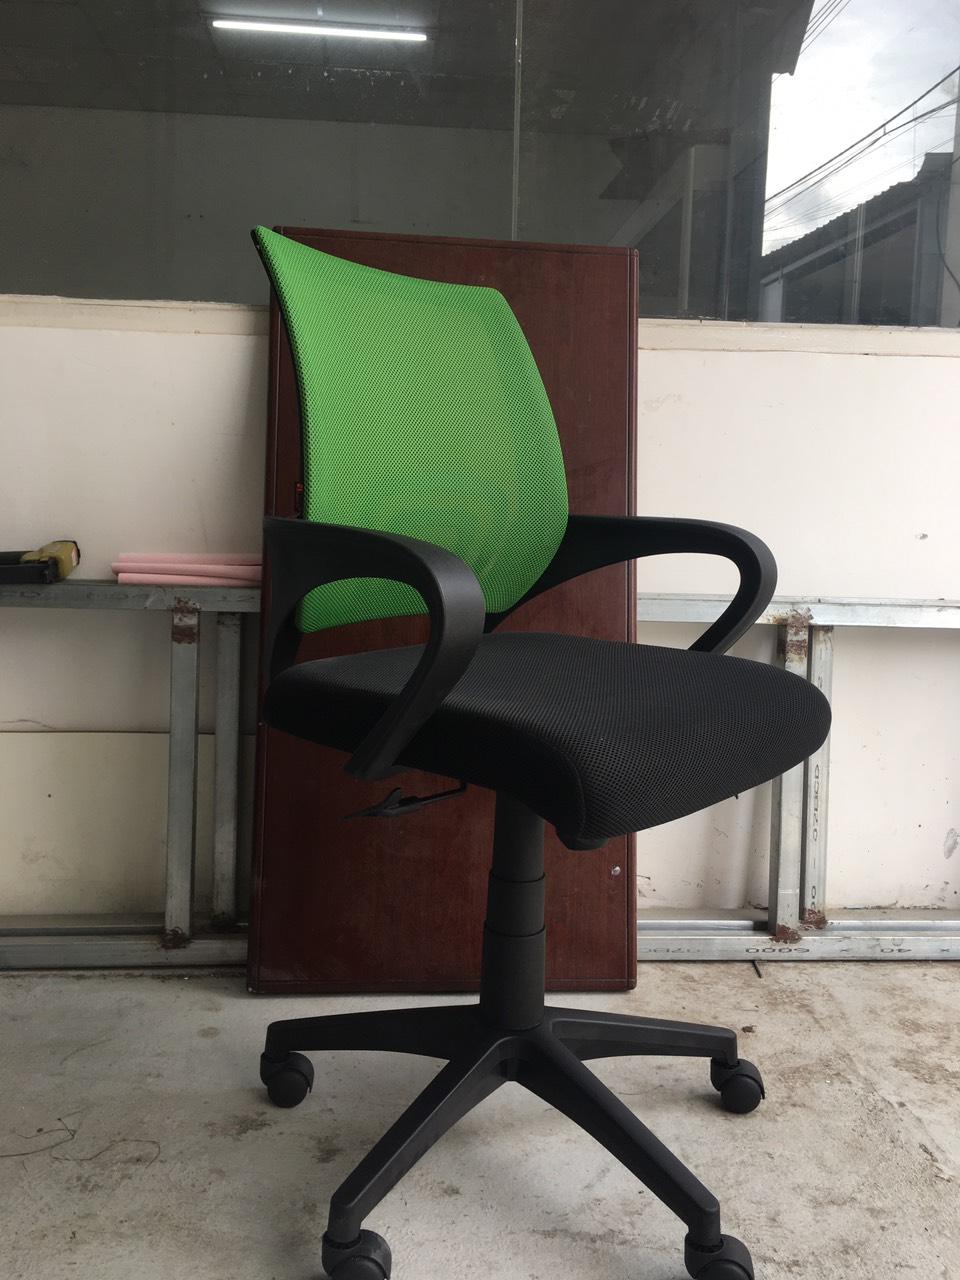 Ghế văn phòng lưng lưới nệm dầy chân nhựa cao cấp : KG – 112-1